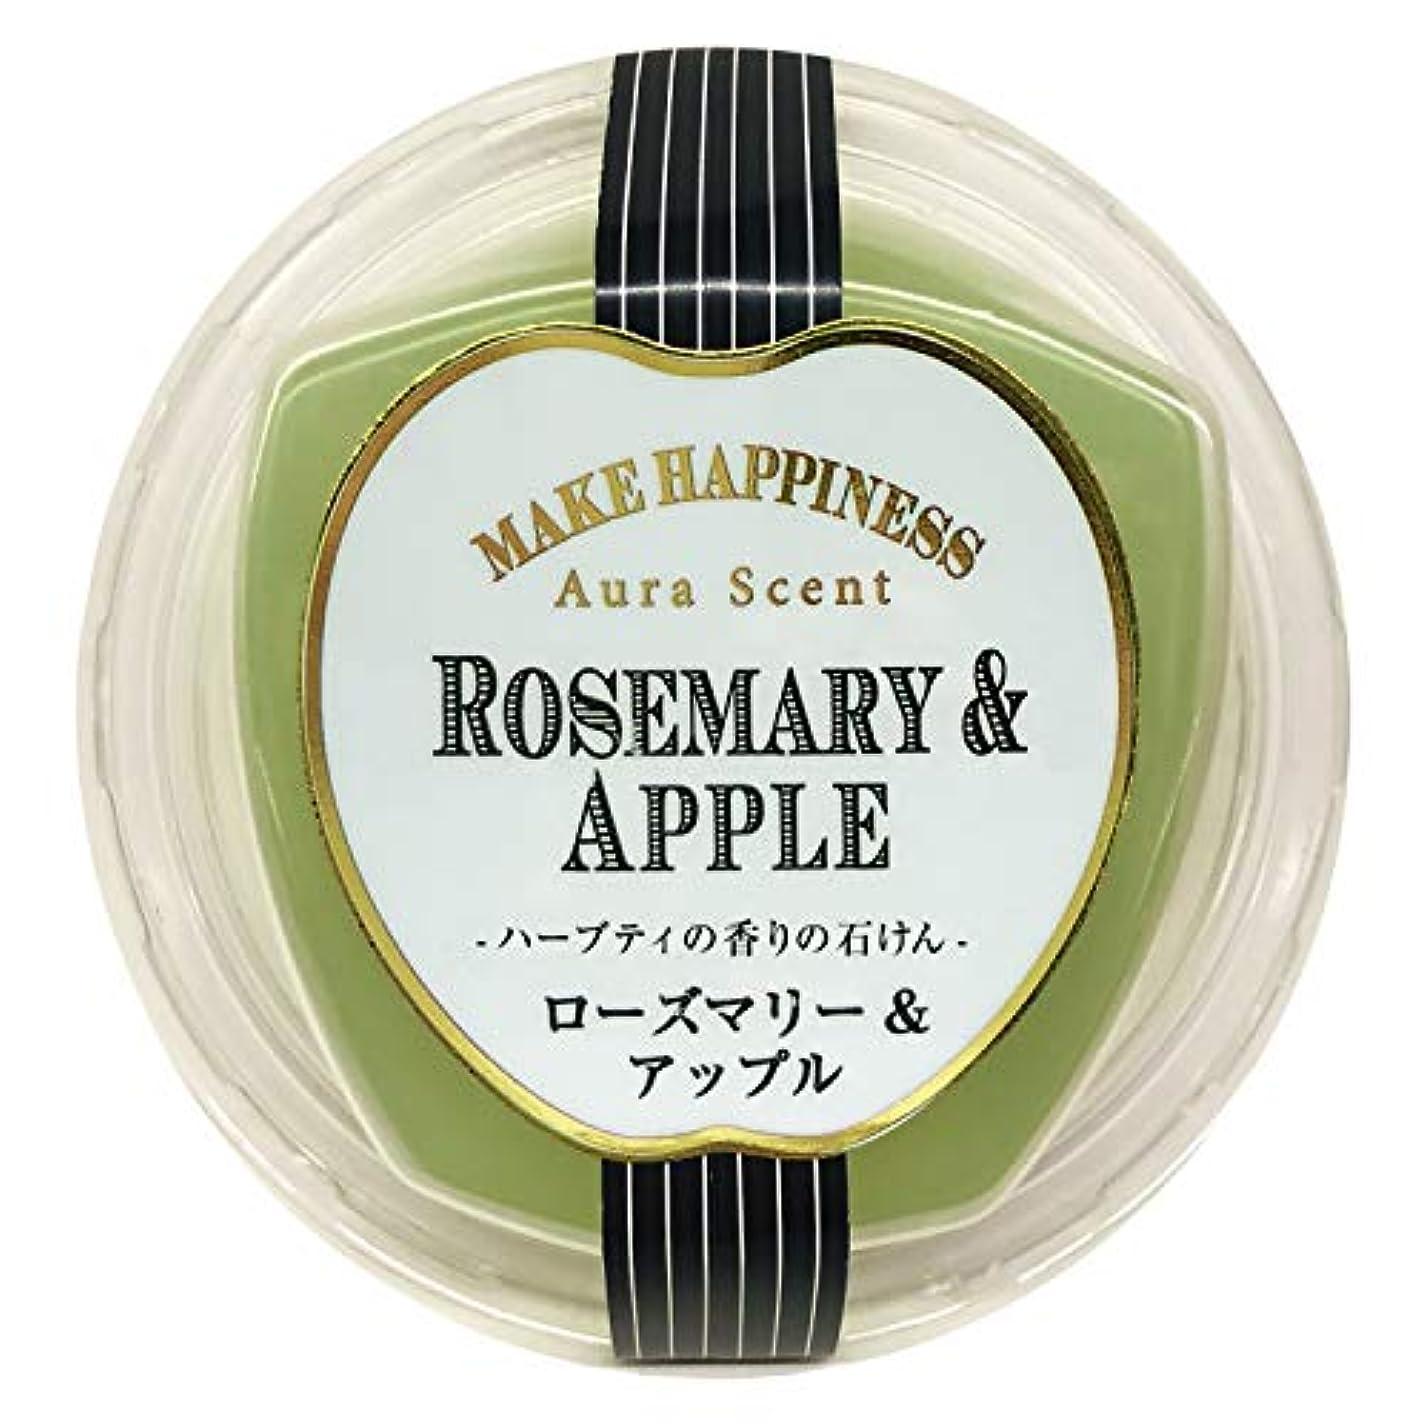 密度ボーカルスリッパペリカン石鹸 オーラセント クリアソープローズマリー&アップル 75g